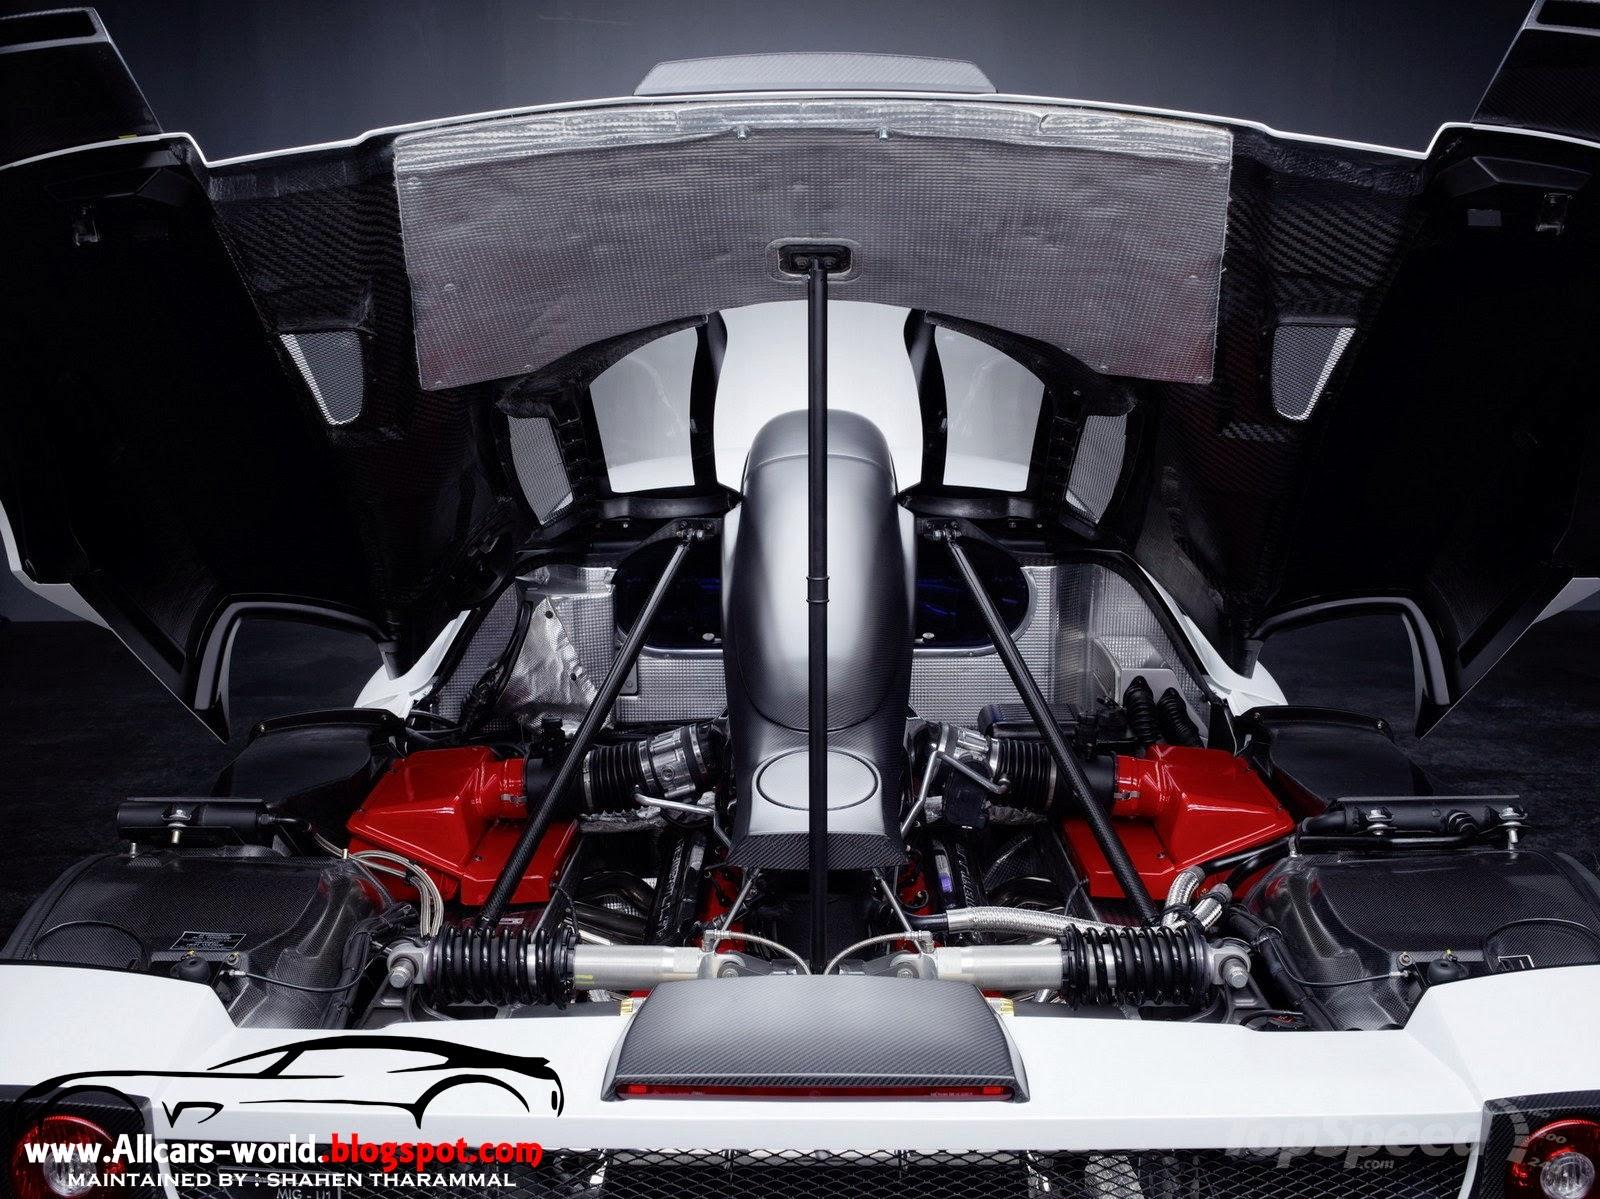 automotive news 2010 gemballa mig u1 ferrari enzo - Ferrari Enzo 2010